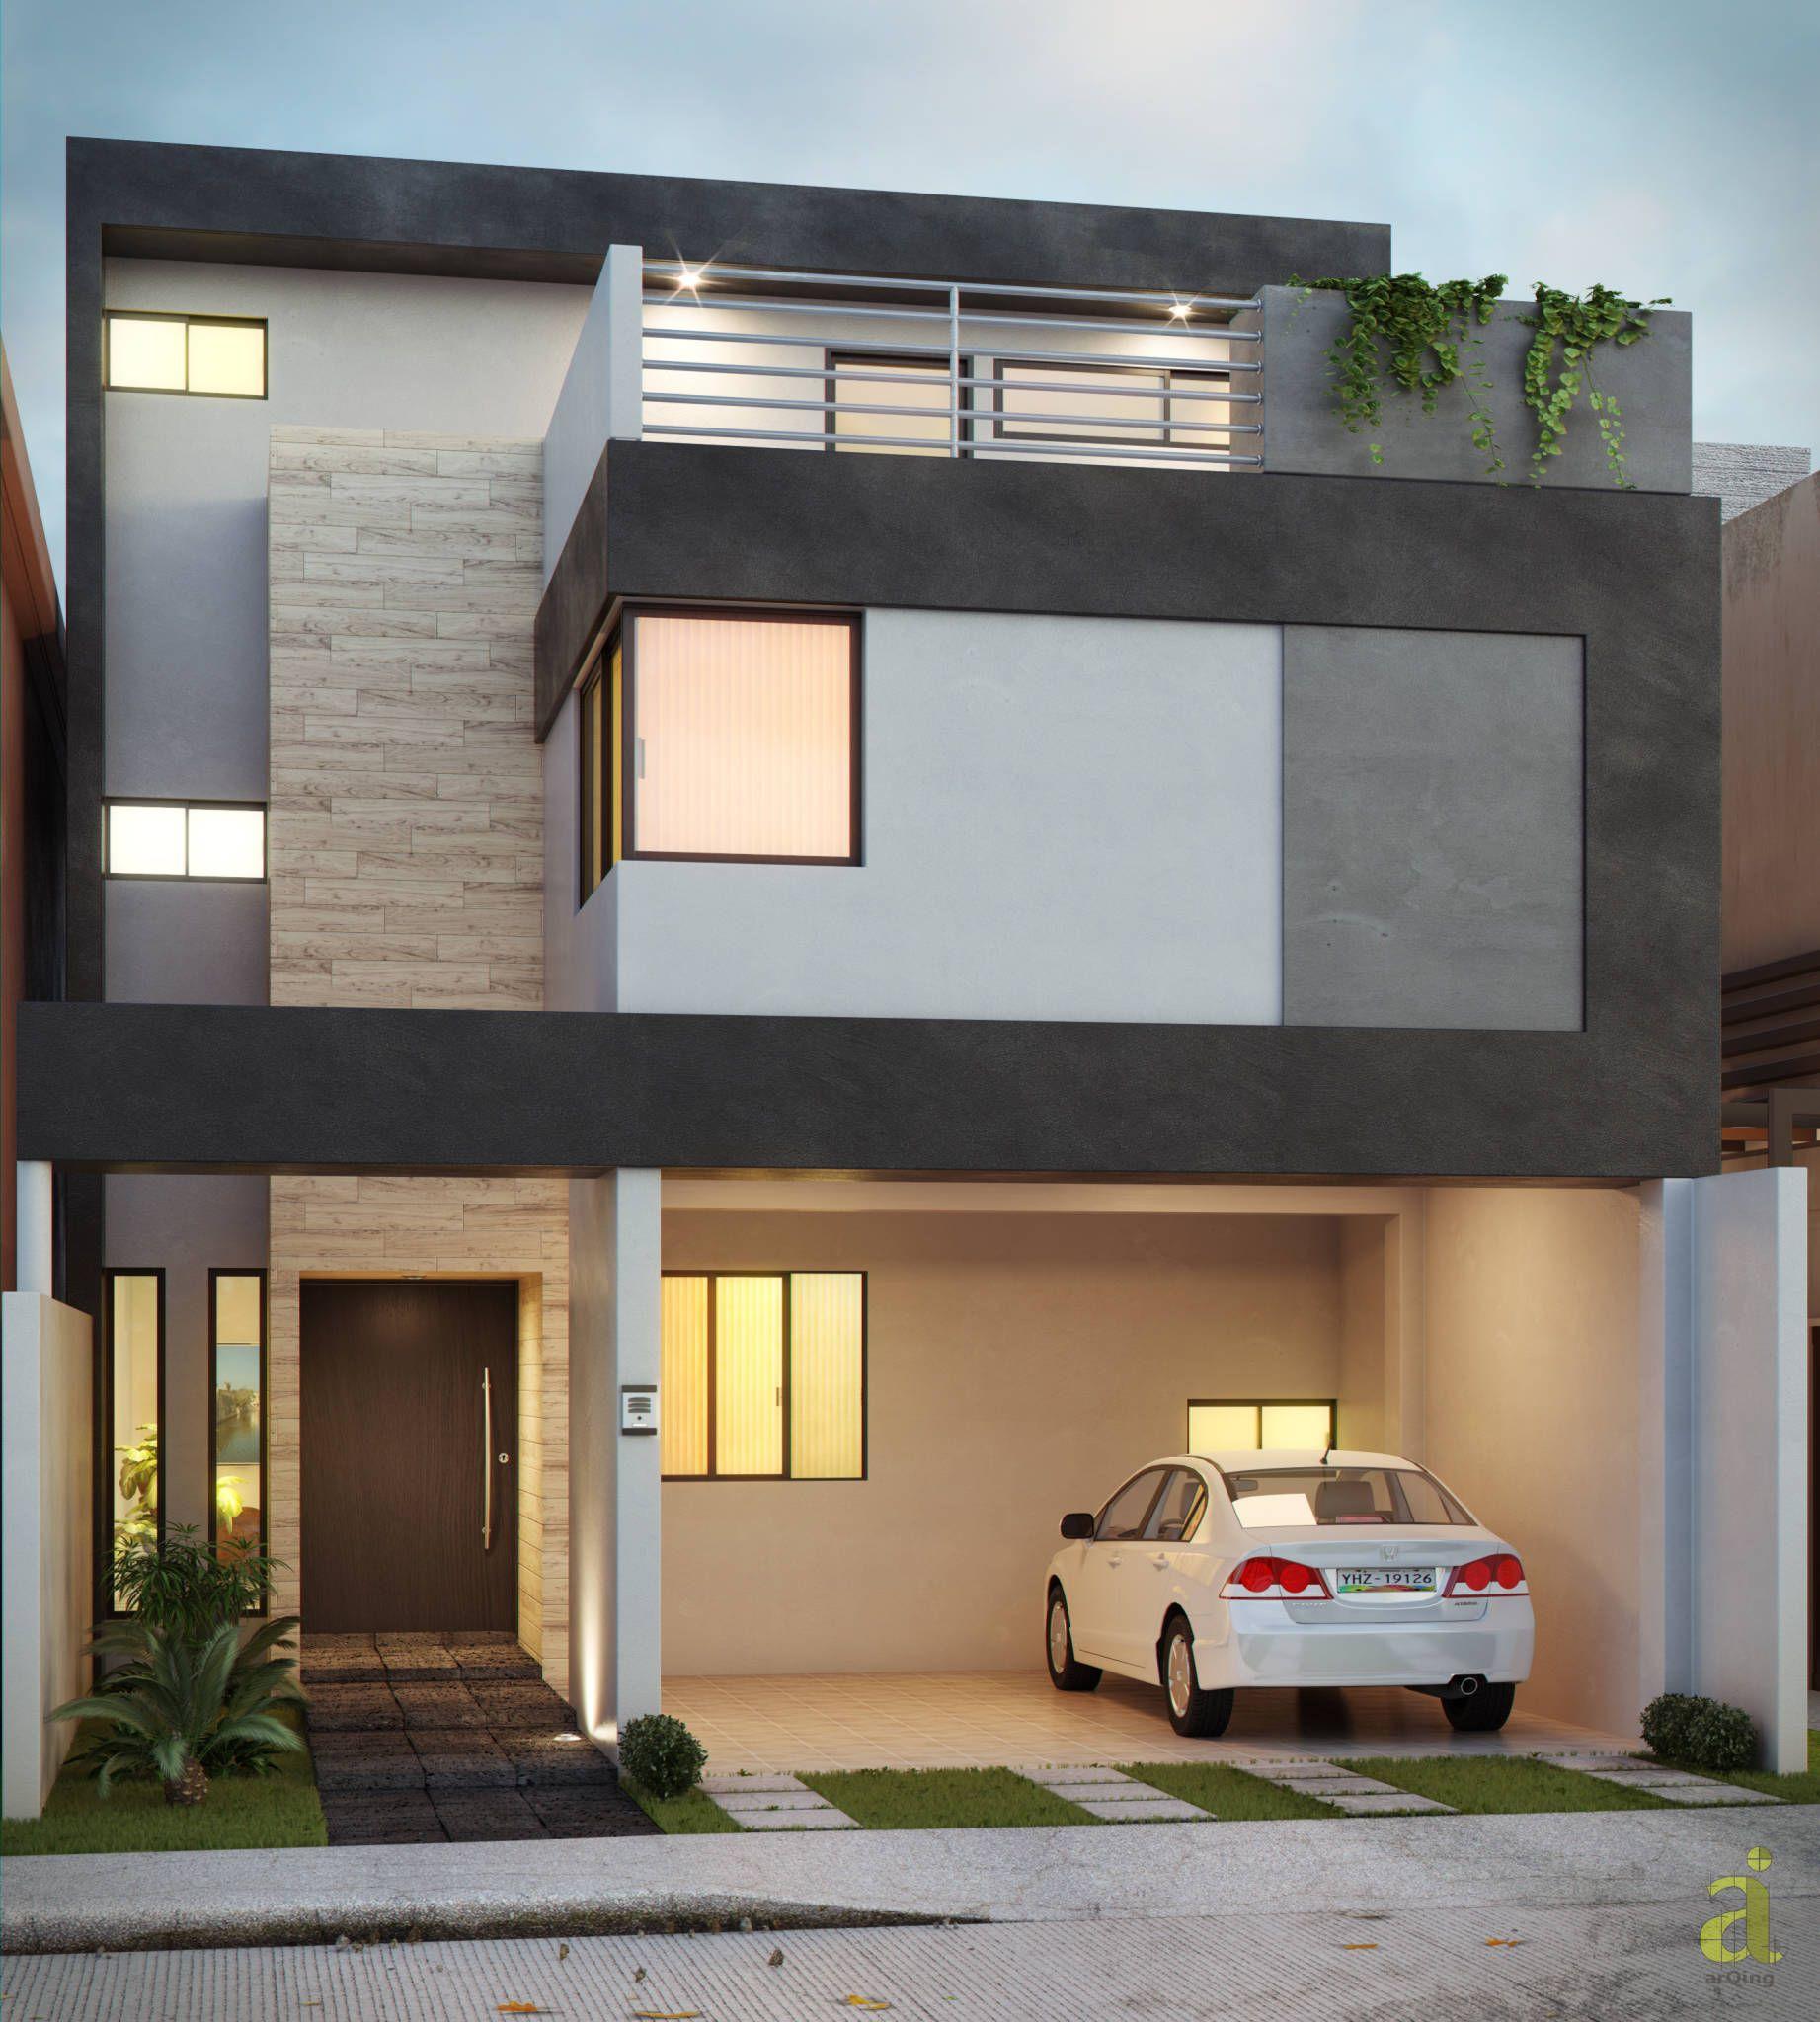 Fotos de casas con decoracion minimalista 84